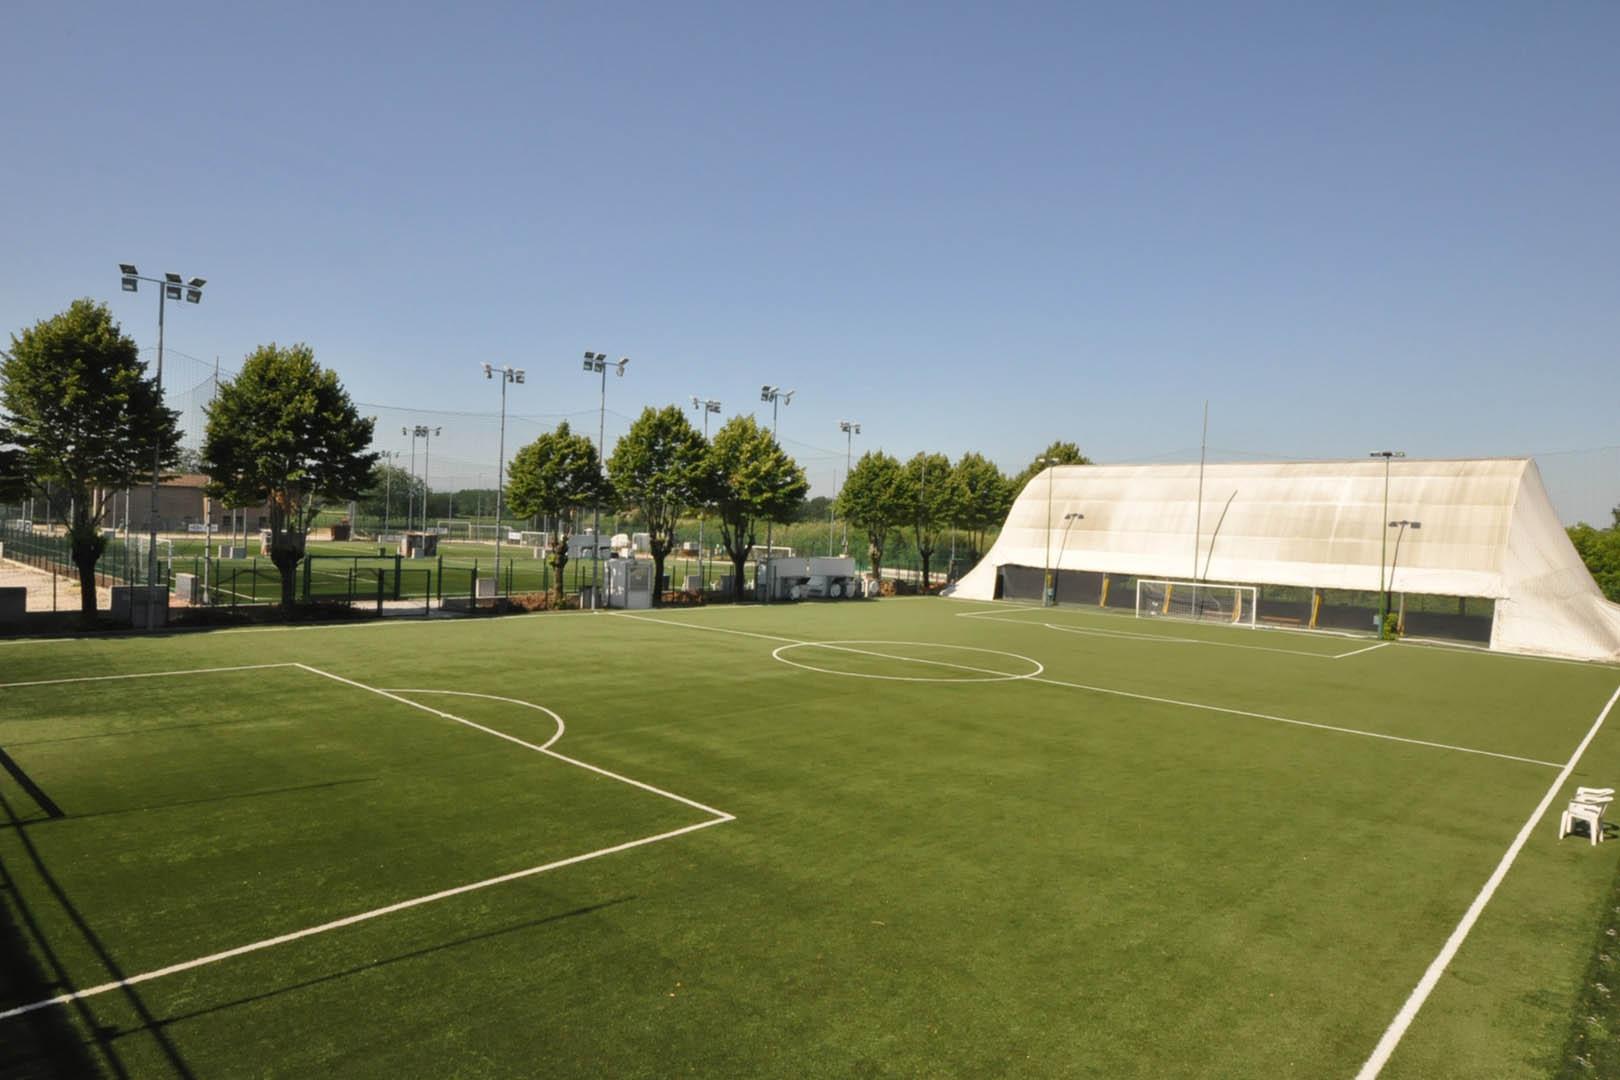 Centro Sportivo Torre Verde